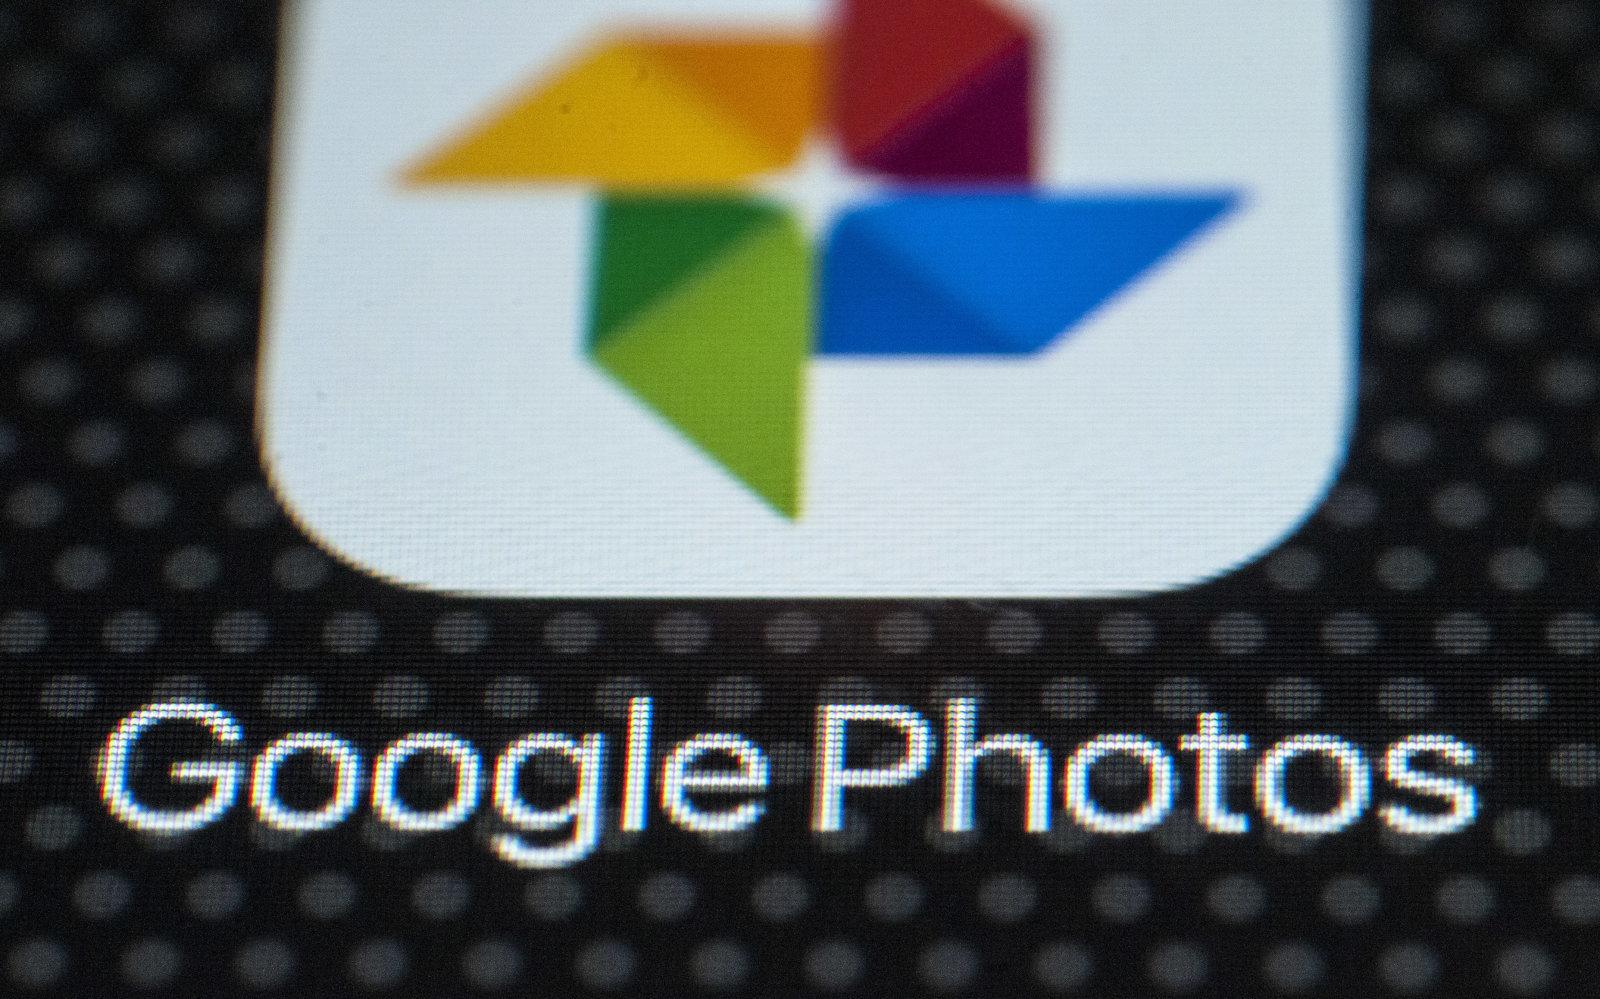 Google Photos-ek testua bilatzeko aukera izango du